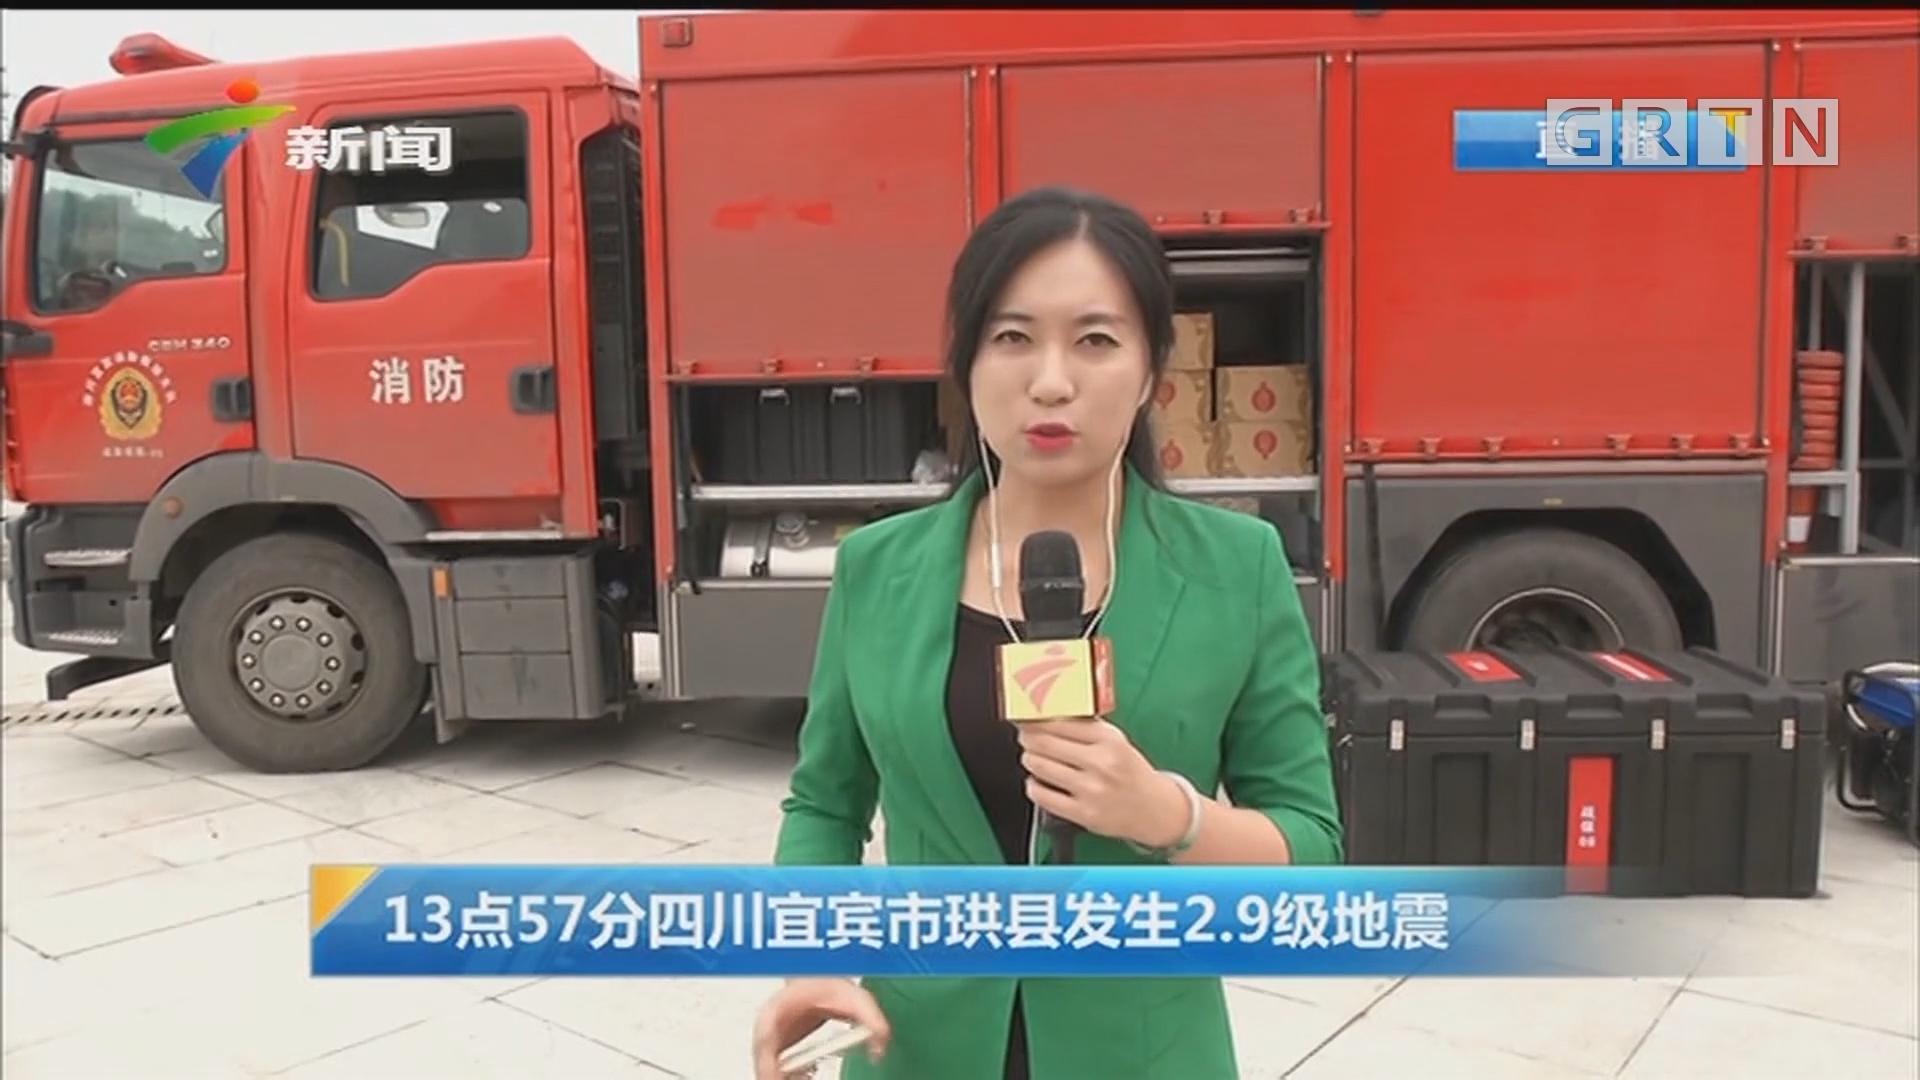 13点57分四川宜宾市珙县发生2.9级地震